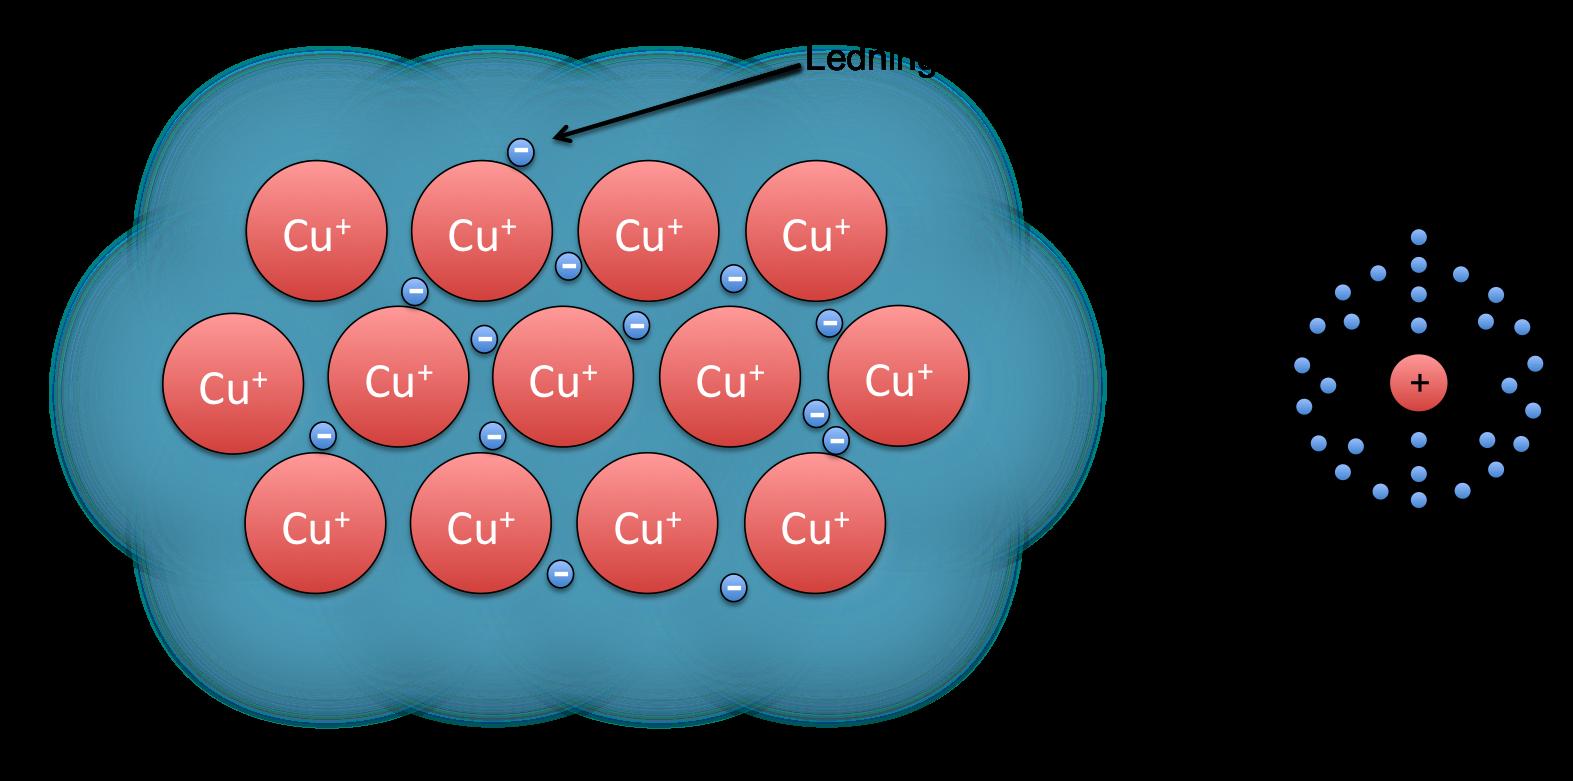 """Her ser vi hvorfor metaller kan lede strøm. Det ytterste elektronet, ledningselektronet, sitter så løst at de ikke lenger tilhører et spesifikt atom, men flyter tilfeldig rundt i en """"sjø"""" av elektroner. Den positive kjernen står i ro (eller vibrerer). Hvis vi kobler på et batteri, vil alle elektronene bevege seg i samme retning. Dette er elektrisk strøm!"""